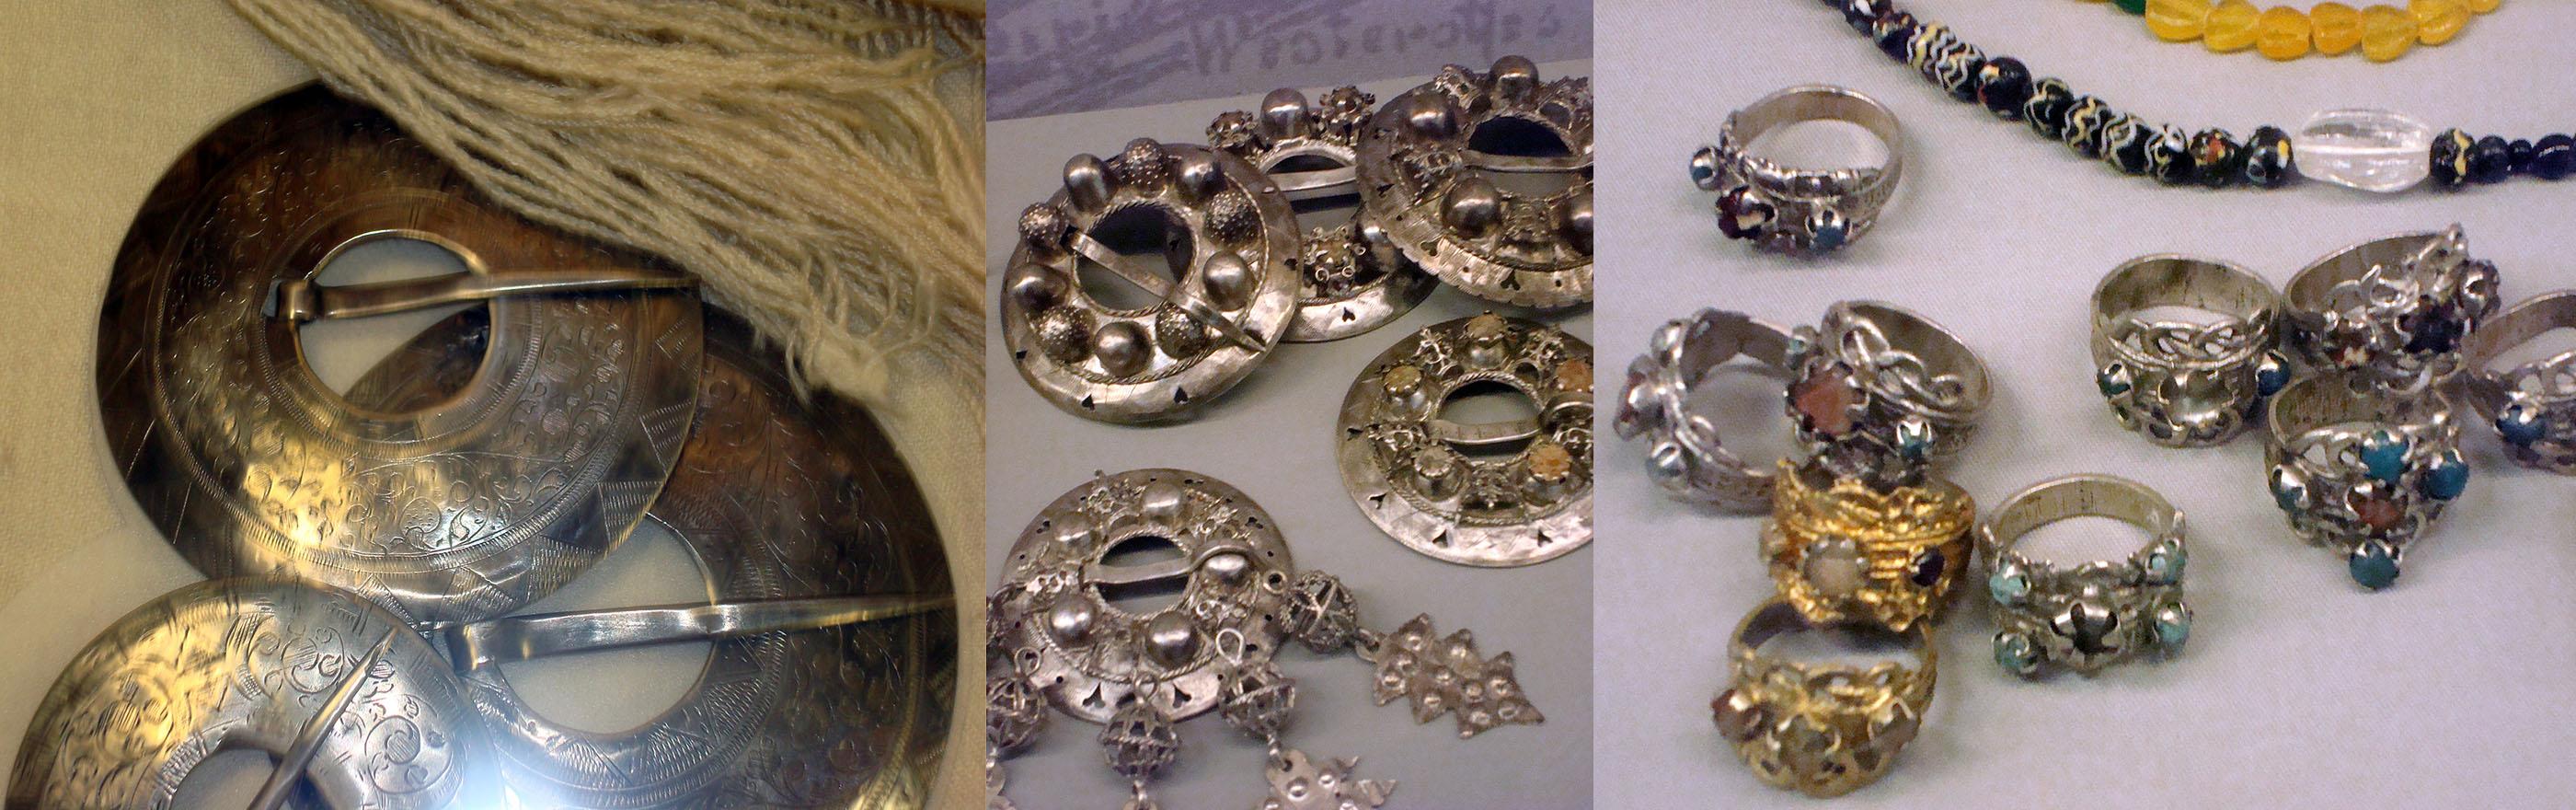 Tarp Latvijos nacionalinio istorijos muziejaus eksponatų. Papuošalai | Dalios Rastenienės nuotrauka.